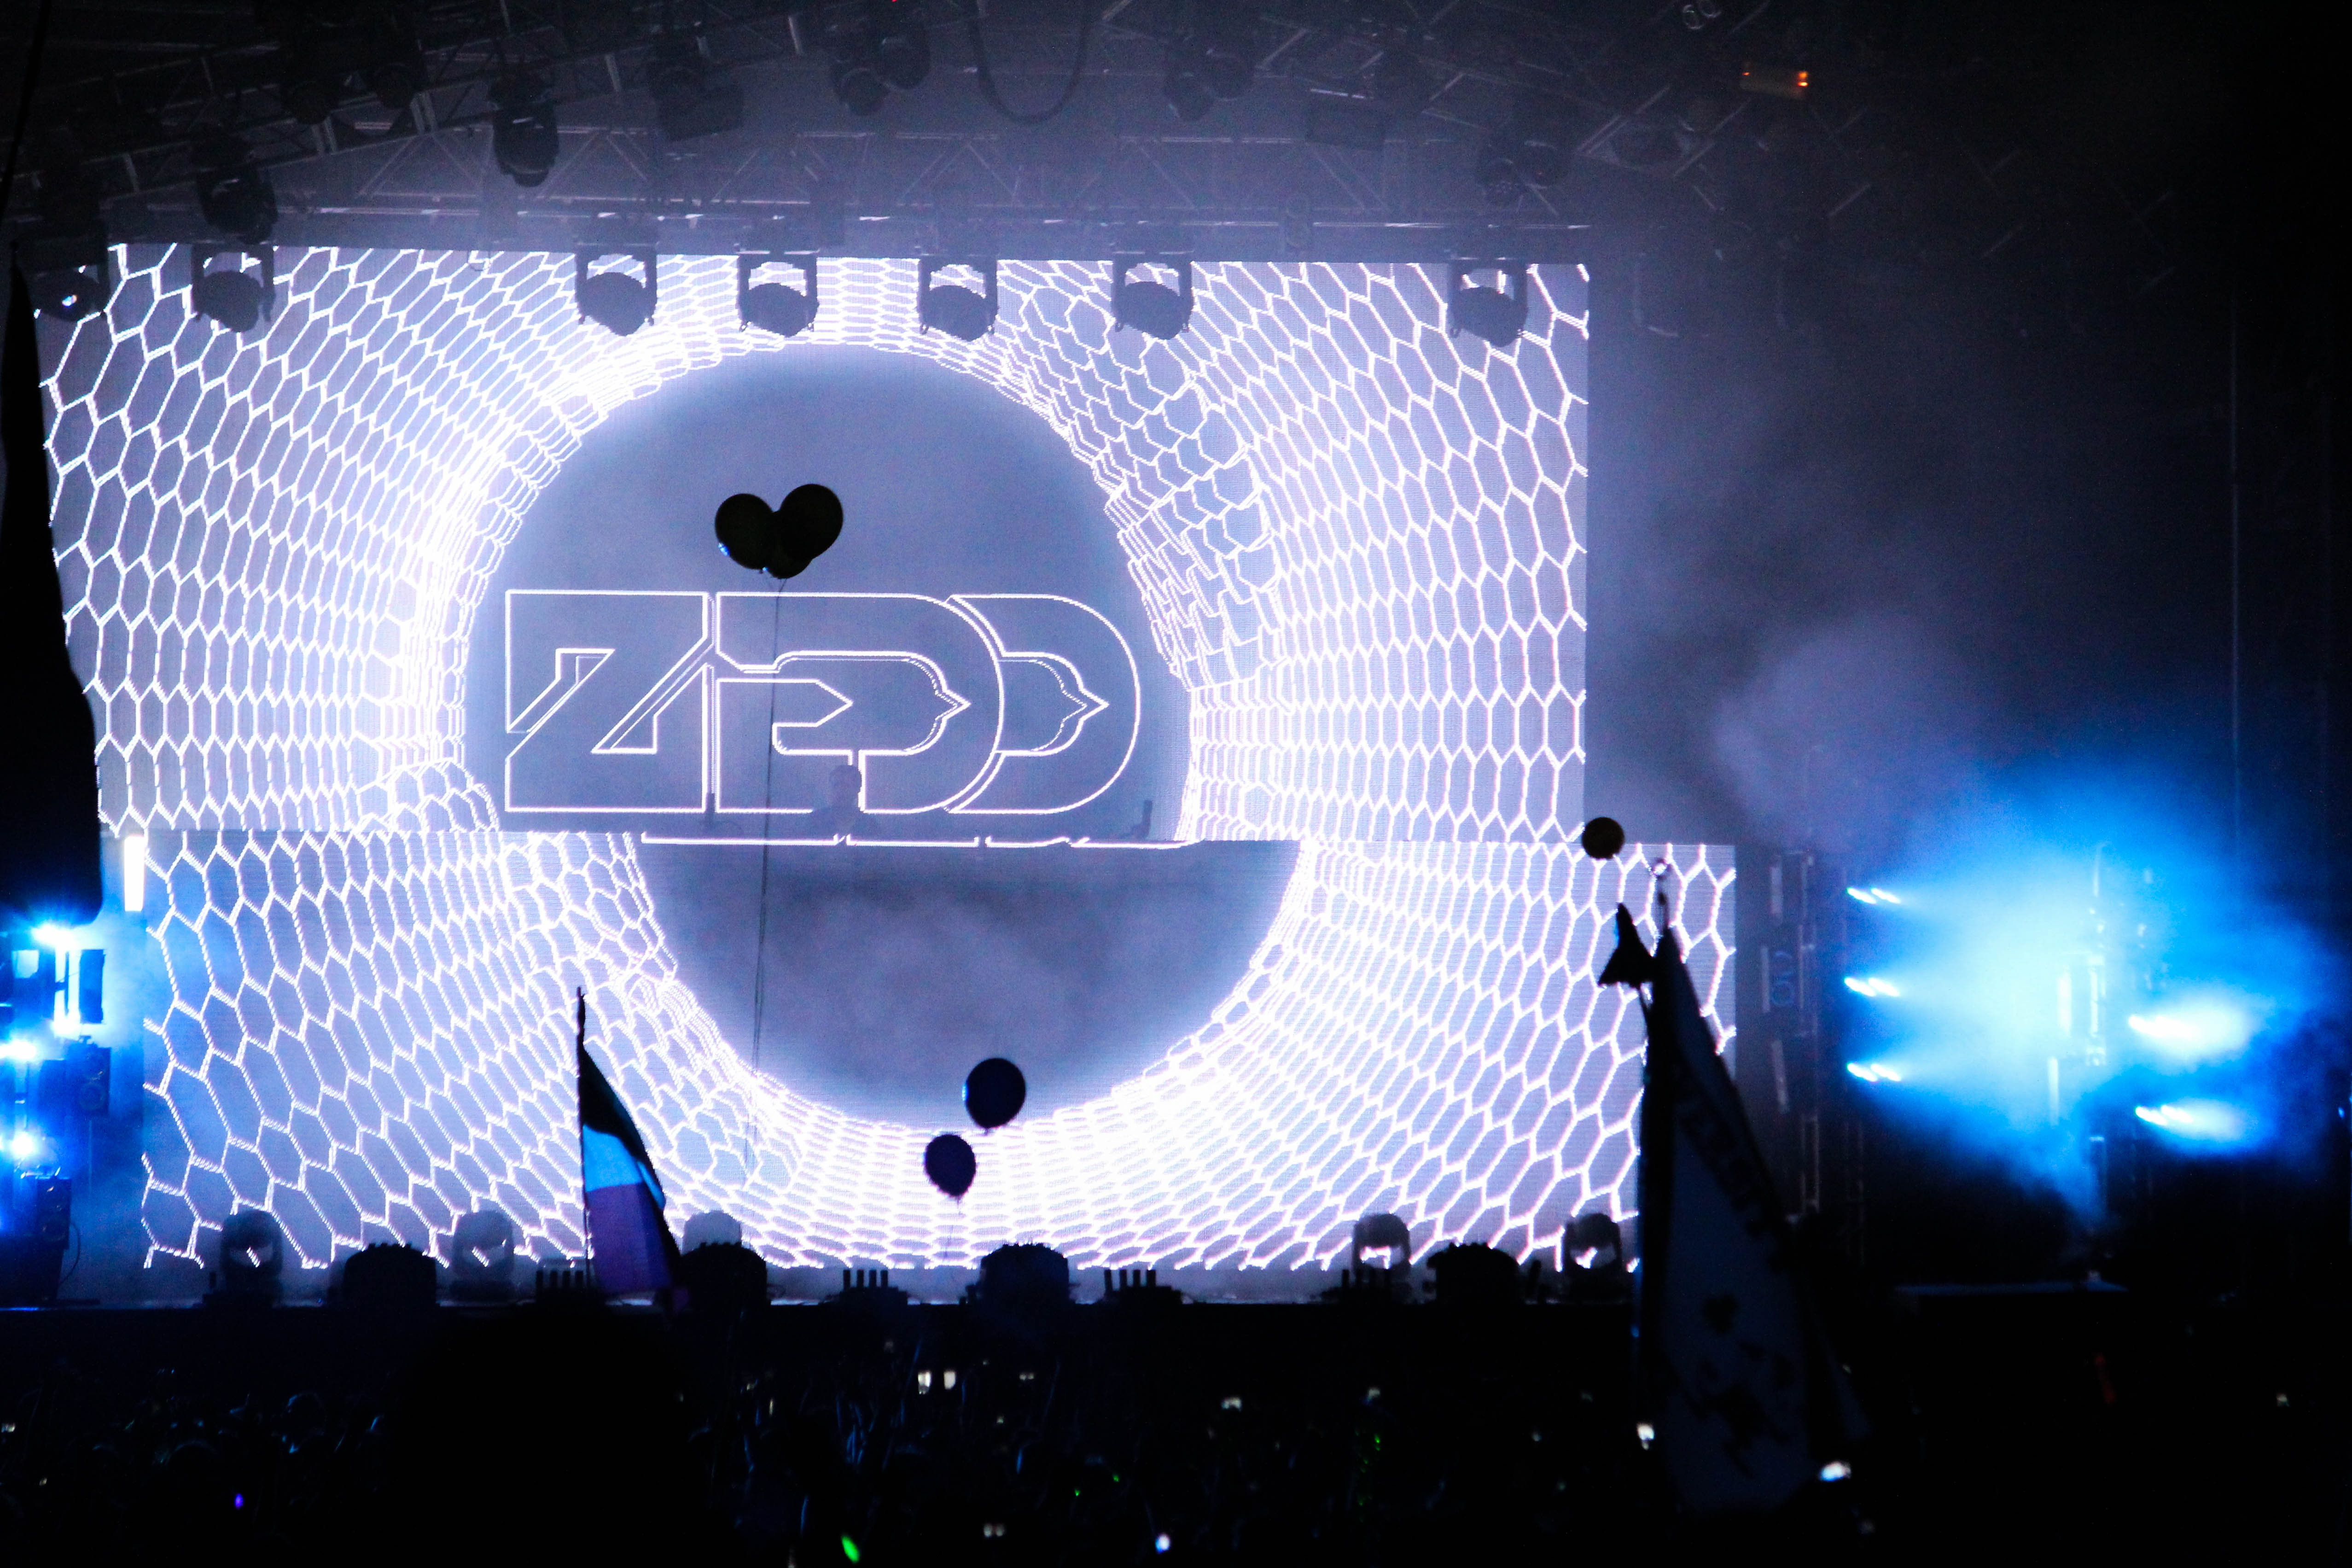 Z E D D